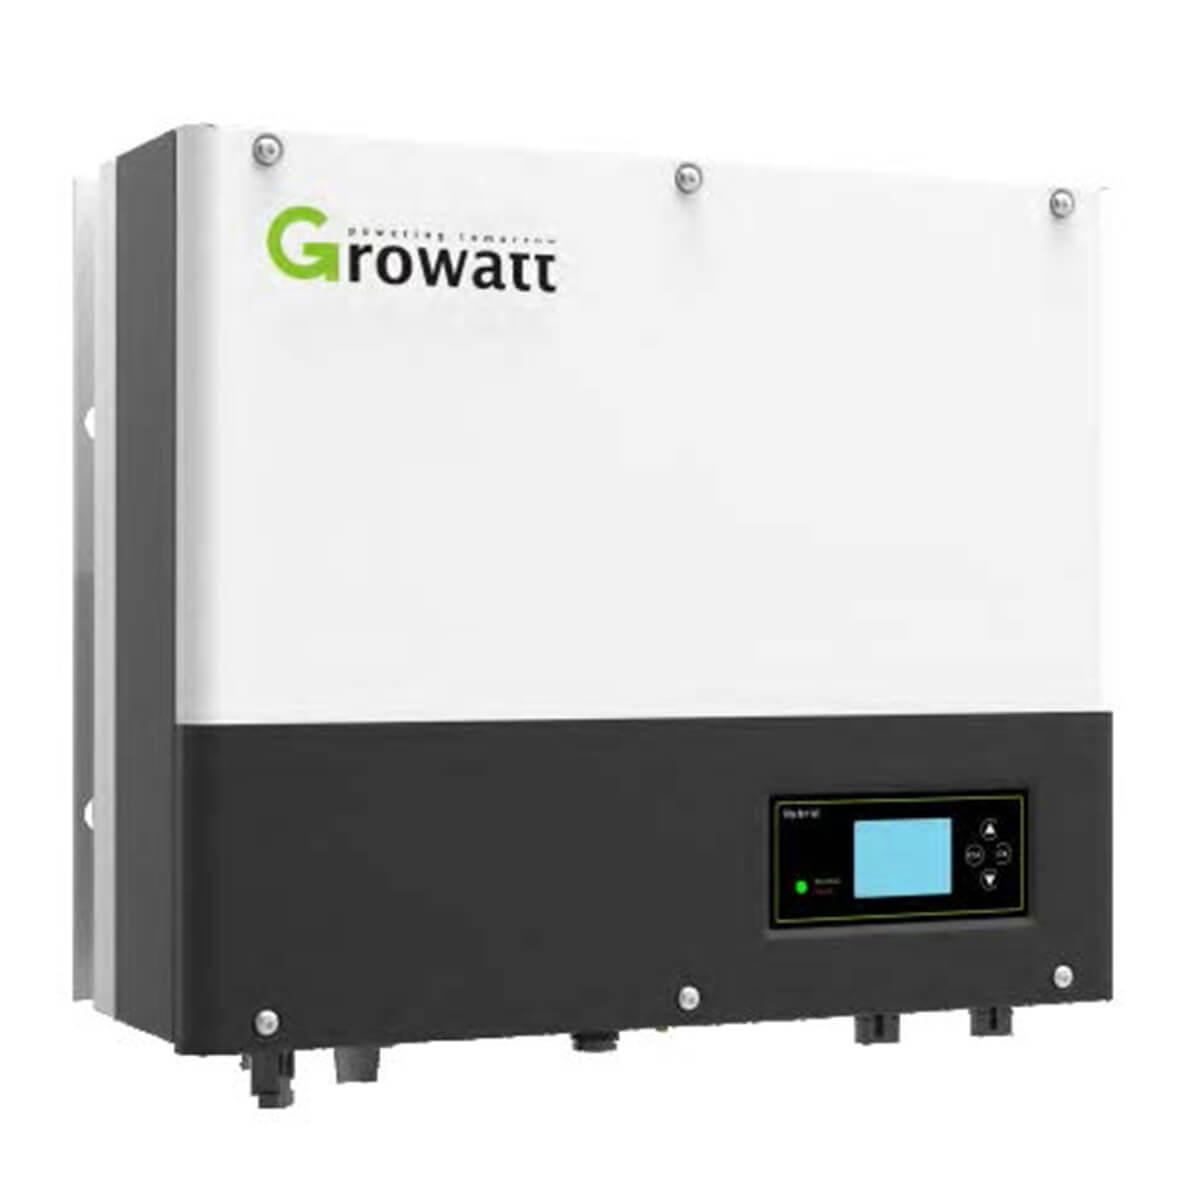 growatt 5kW hibrit inverter, growatt spa 5kW hibrit inverter, growatt spa 5000tl3 bh hibrit inverter, growatt spa 5000tl3 bh, growatt spa 5 kW, GROWATT 5 kW